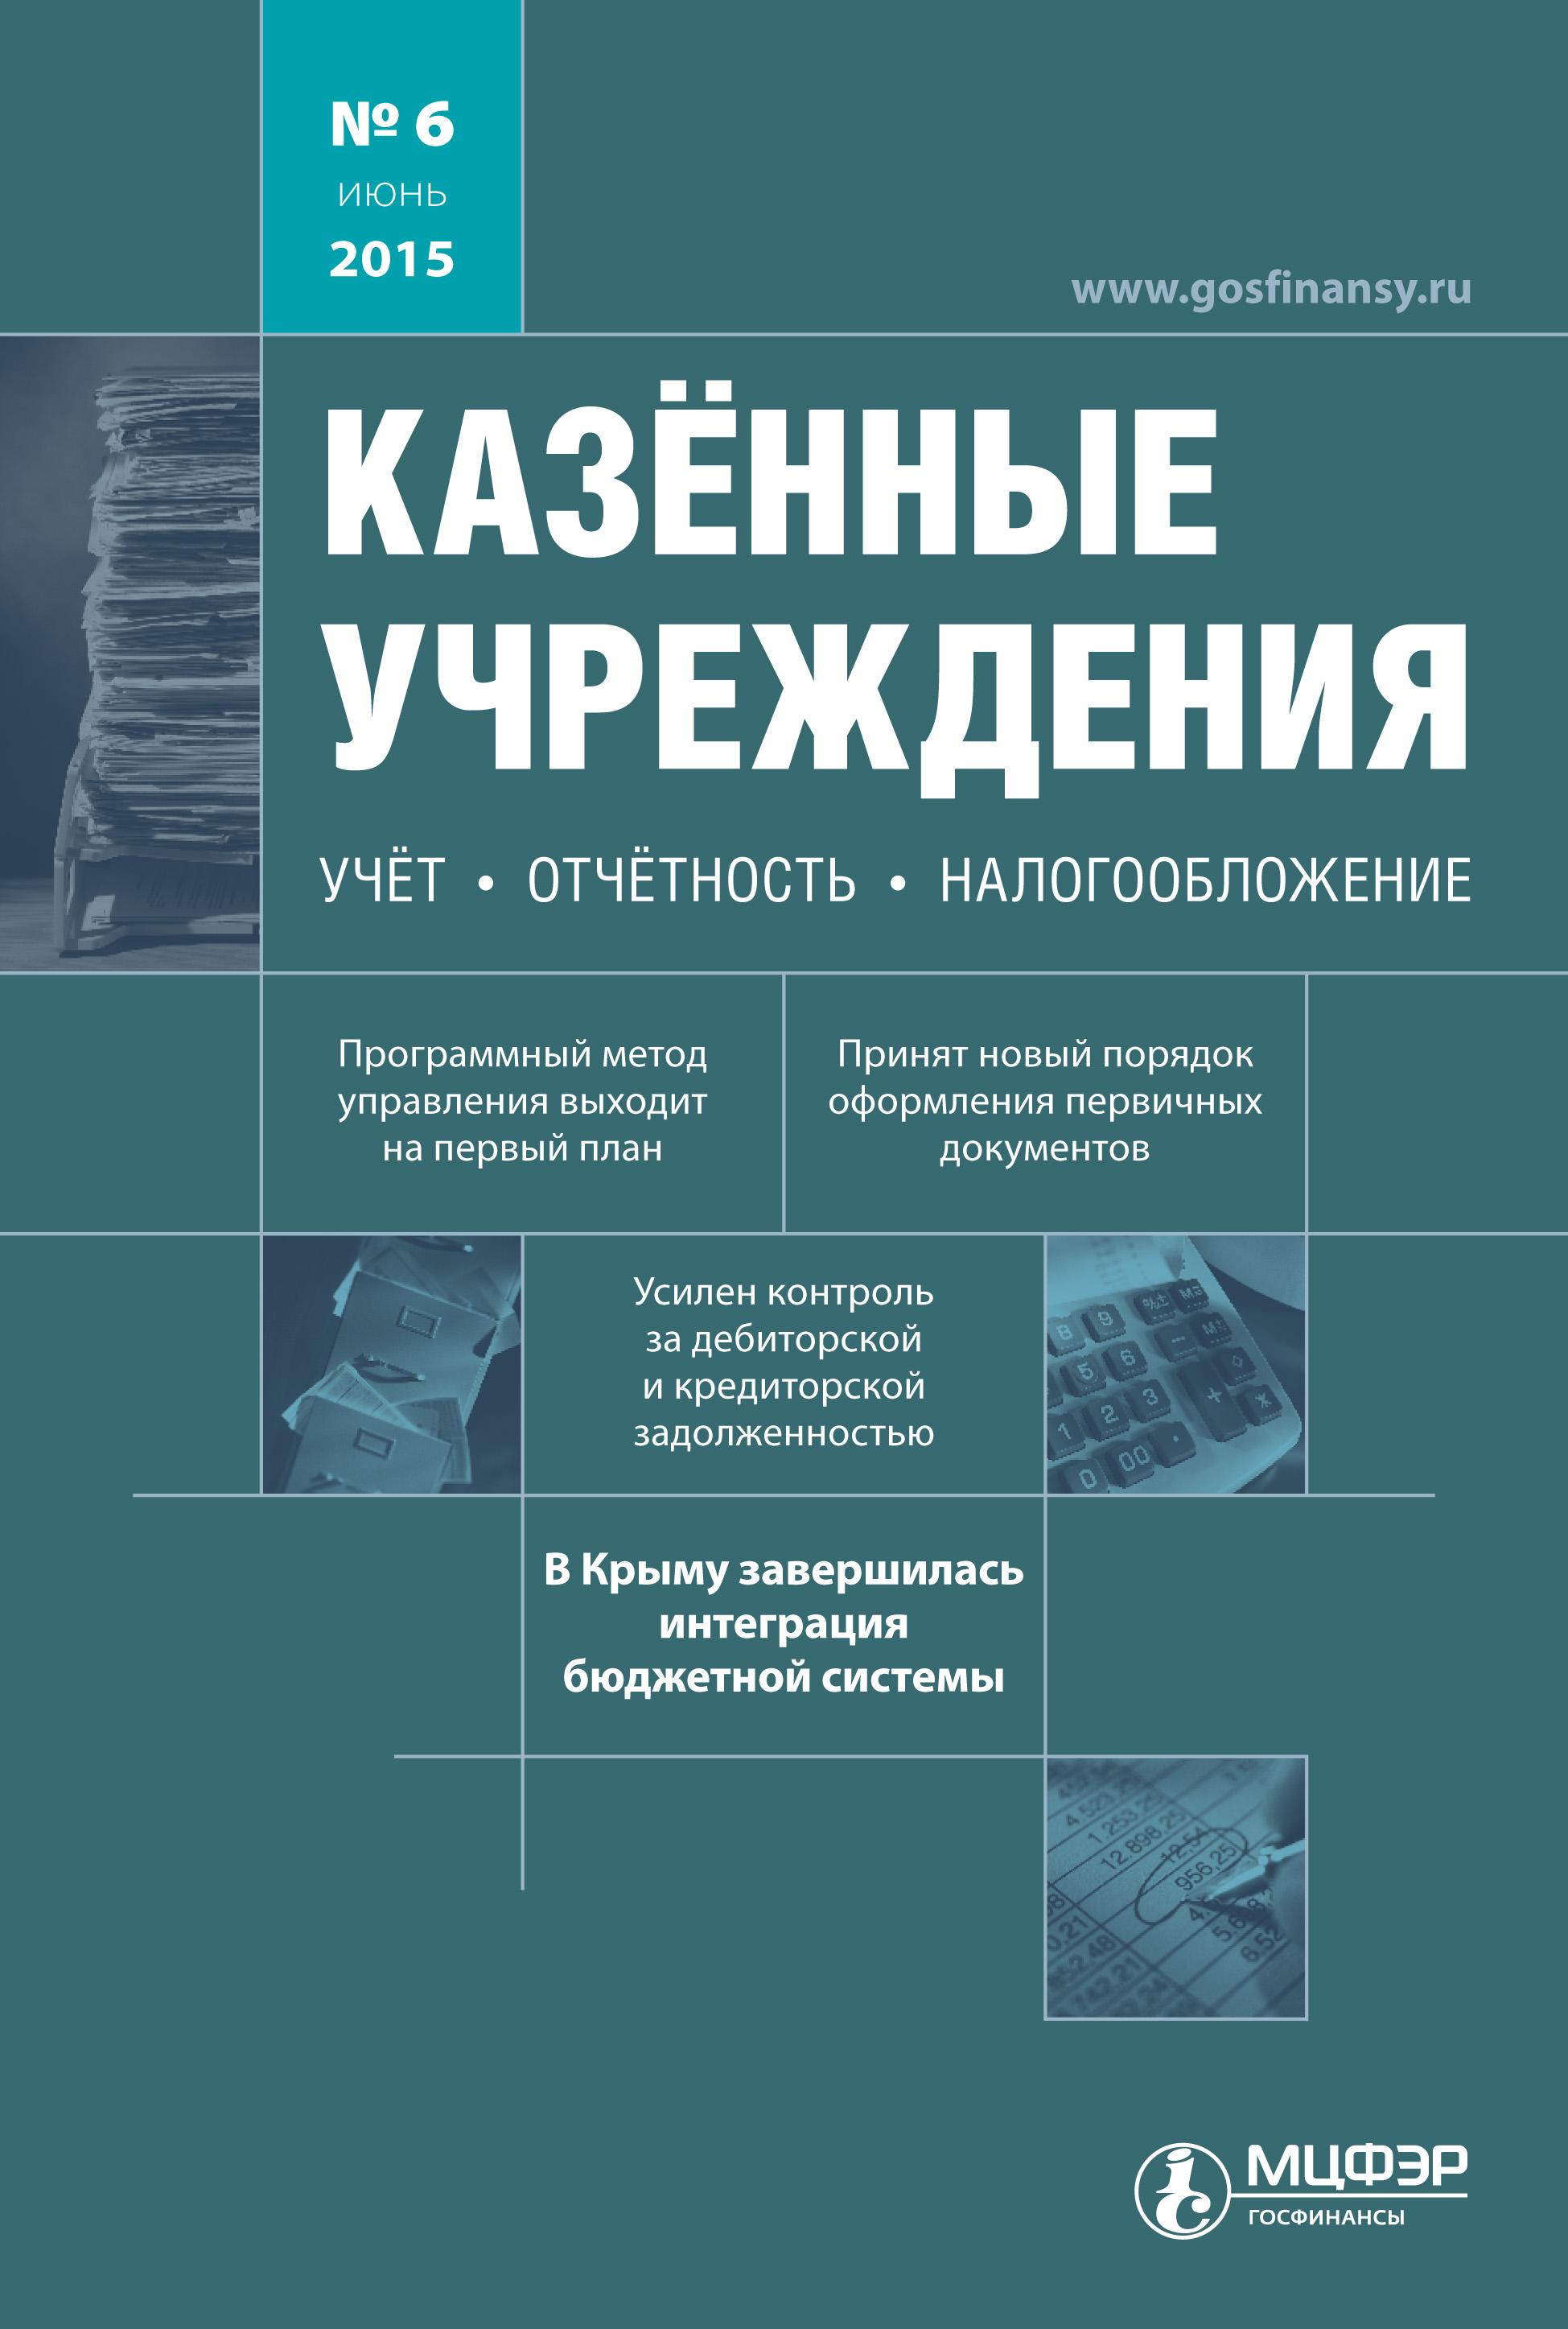 Казённые учреждения: учёт, отчётность, налогообложение. №06/2015